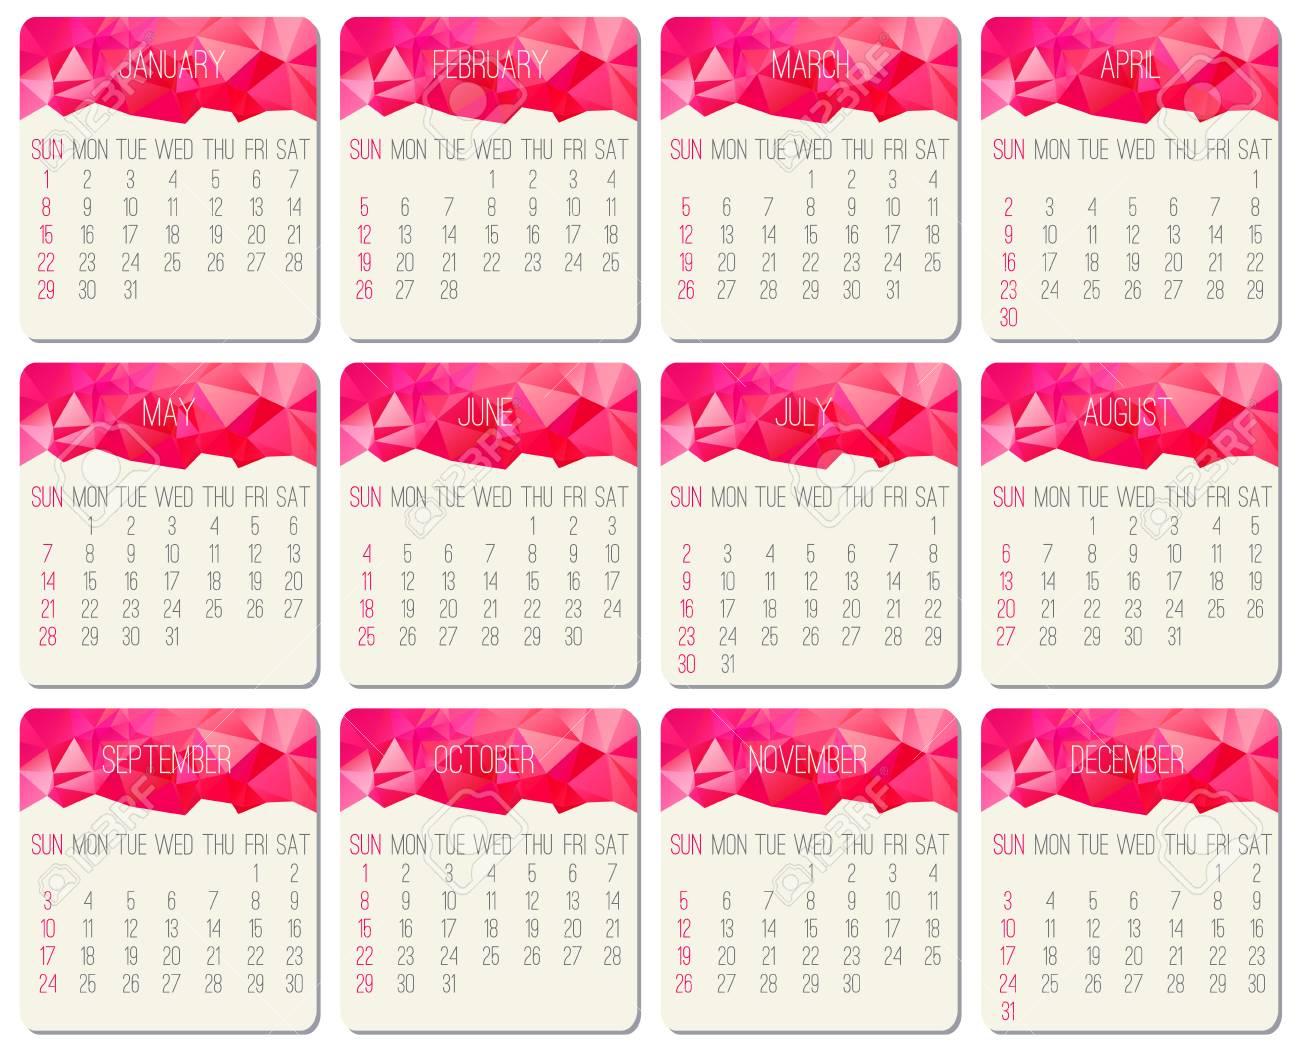 Calendario Del Ano 1965.Ano 2017 Vector Calendario Mensual Semana Comenzando Desde El Domingo Diseno Contemporaneo De Poli Baja En Color Rosa Intenso